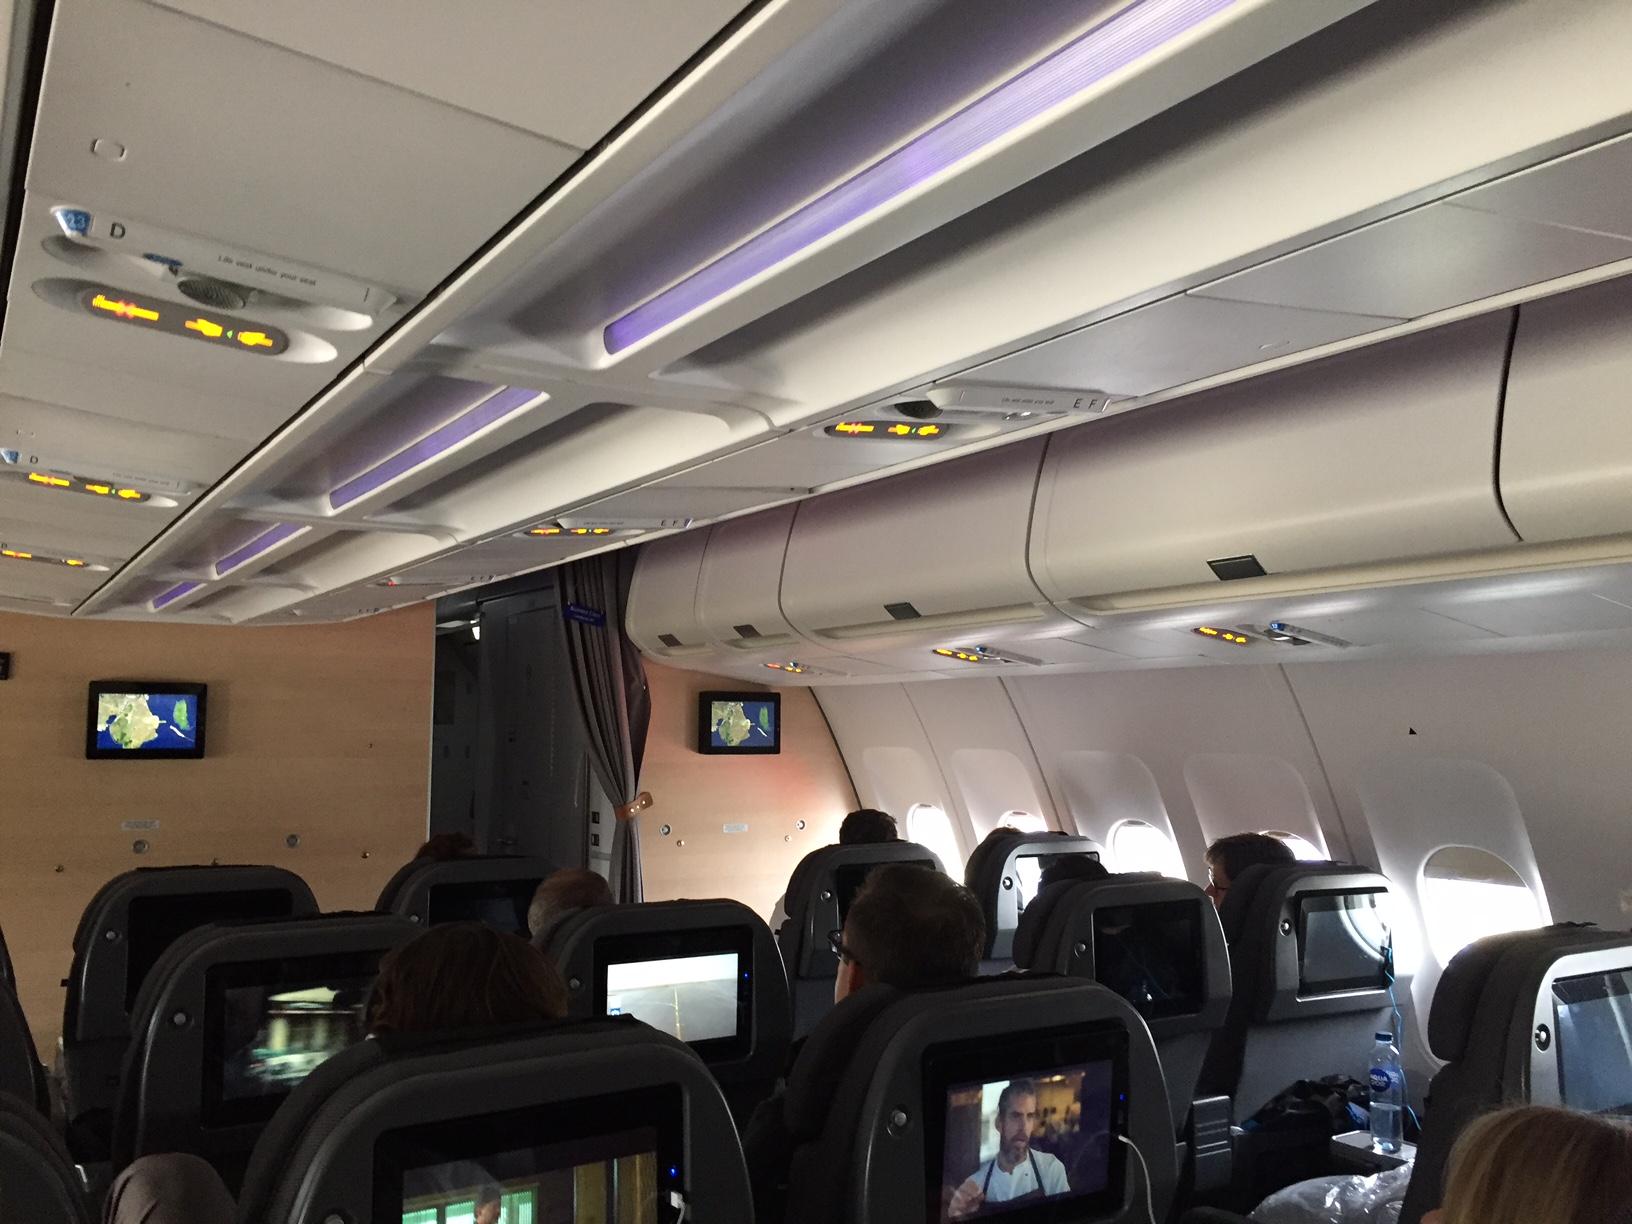 Sådan ser SAS Plus kabinen ud. En ganske behagelig oplevelse.